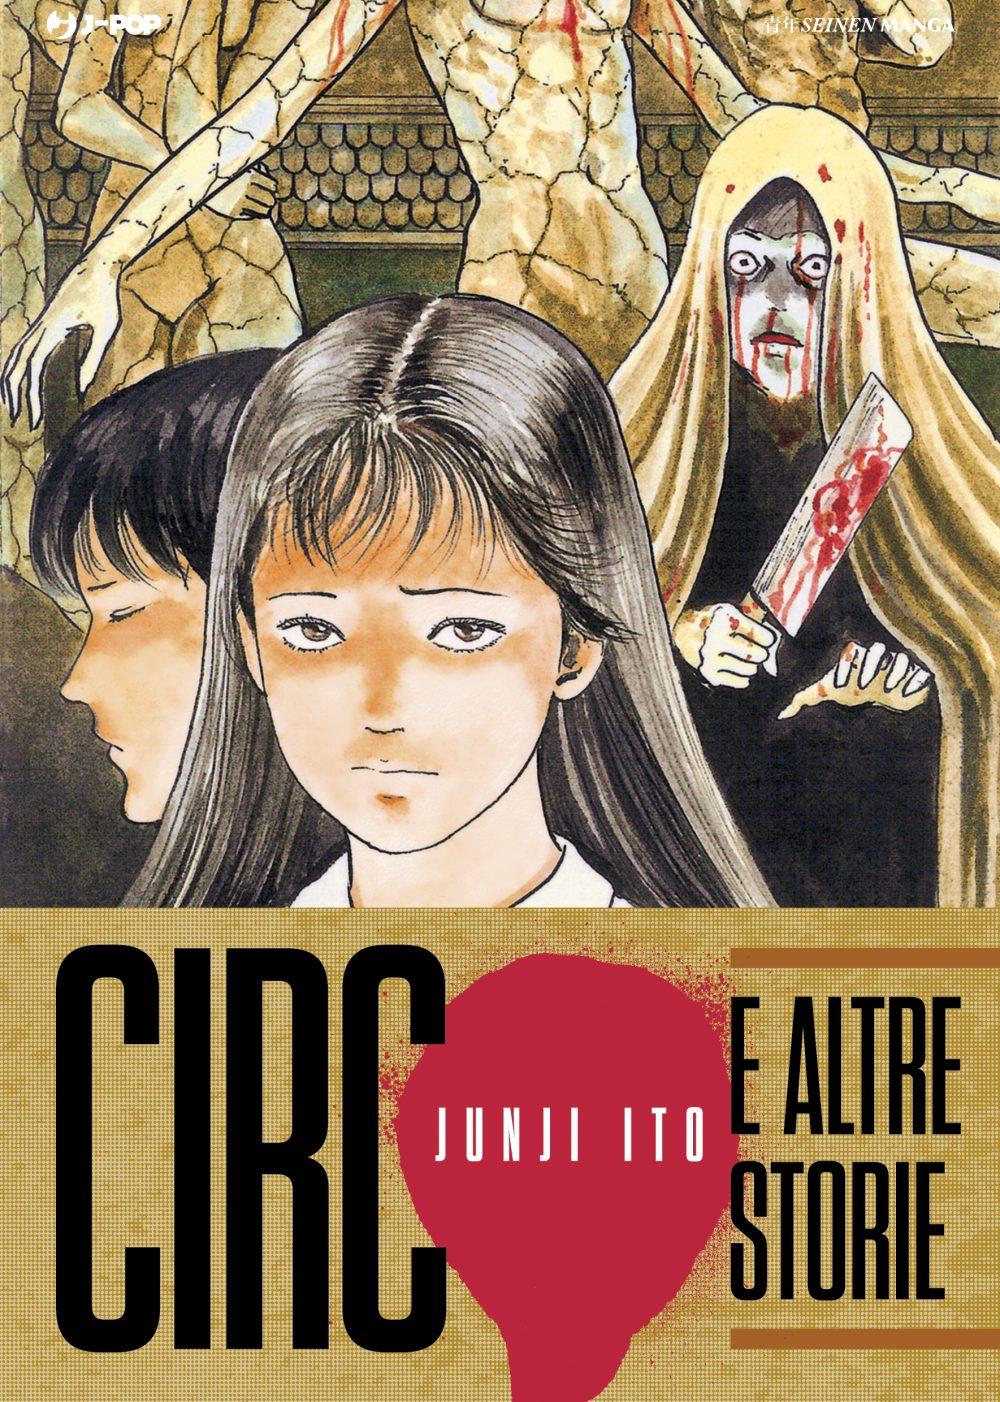 Circo e altre storie, copertina di Junji Ito